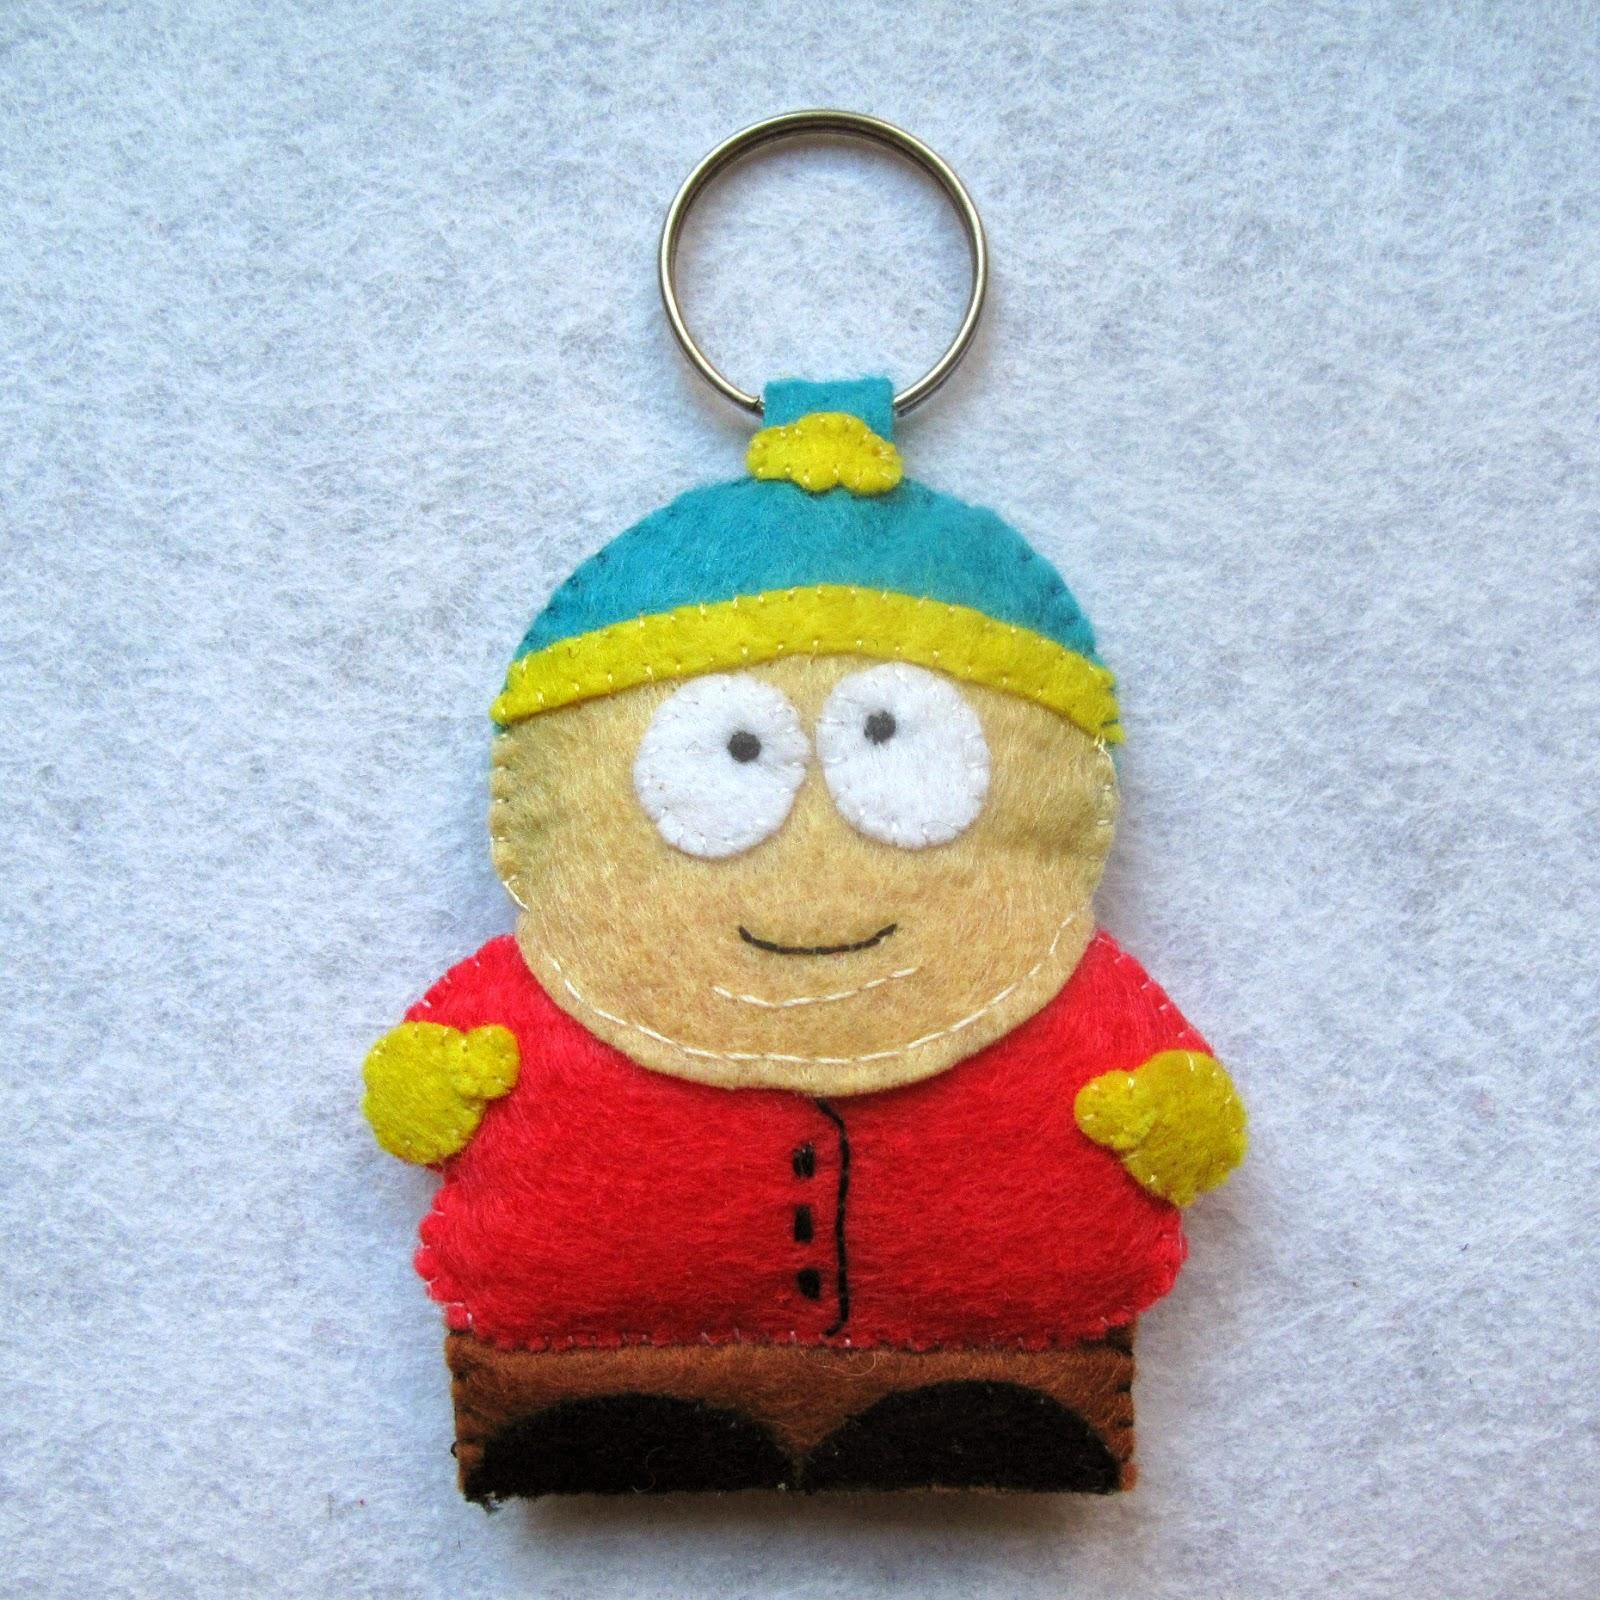 Cartman2pIMG_2548.jpg